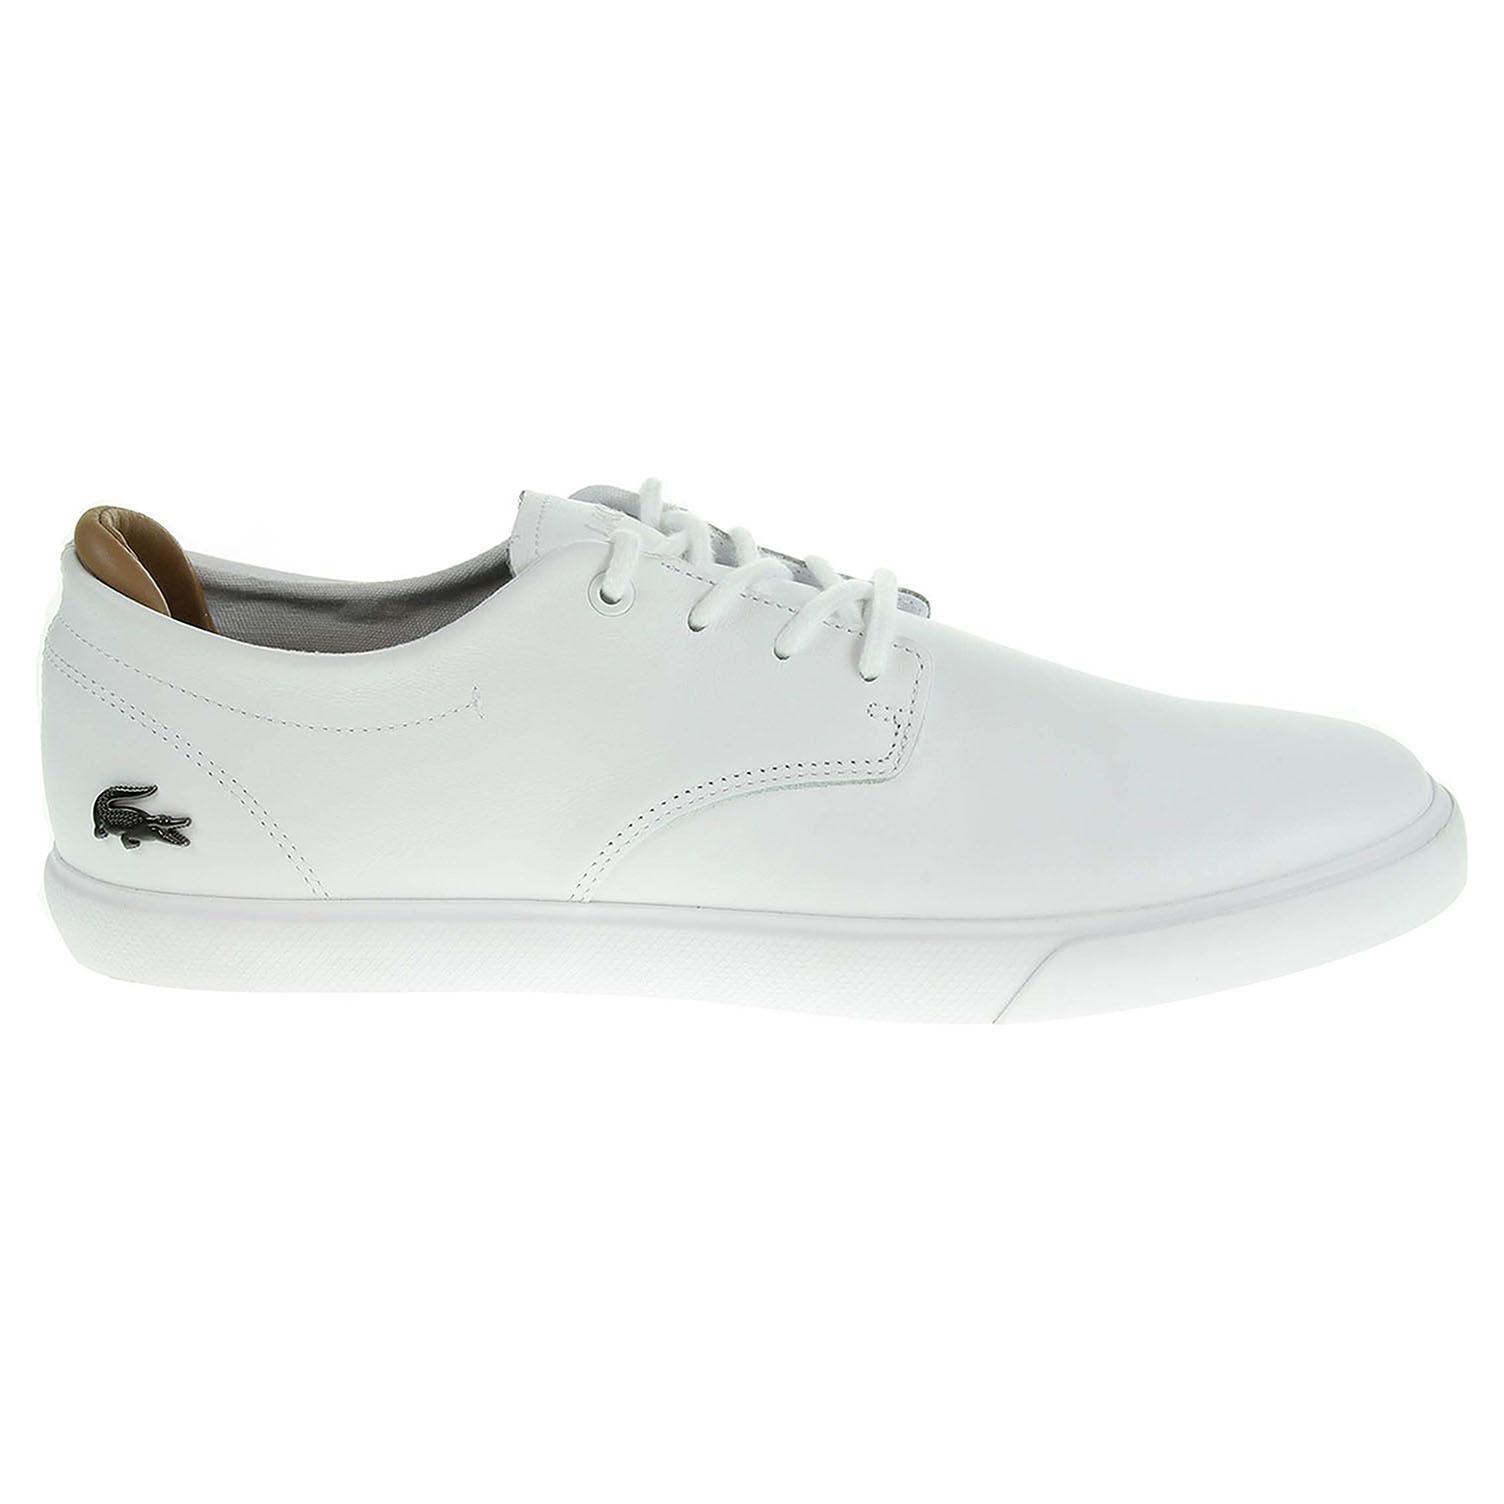 Ecco Lacoste Espere pánská obuv bílá 24000451